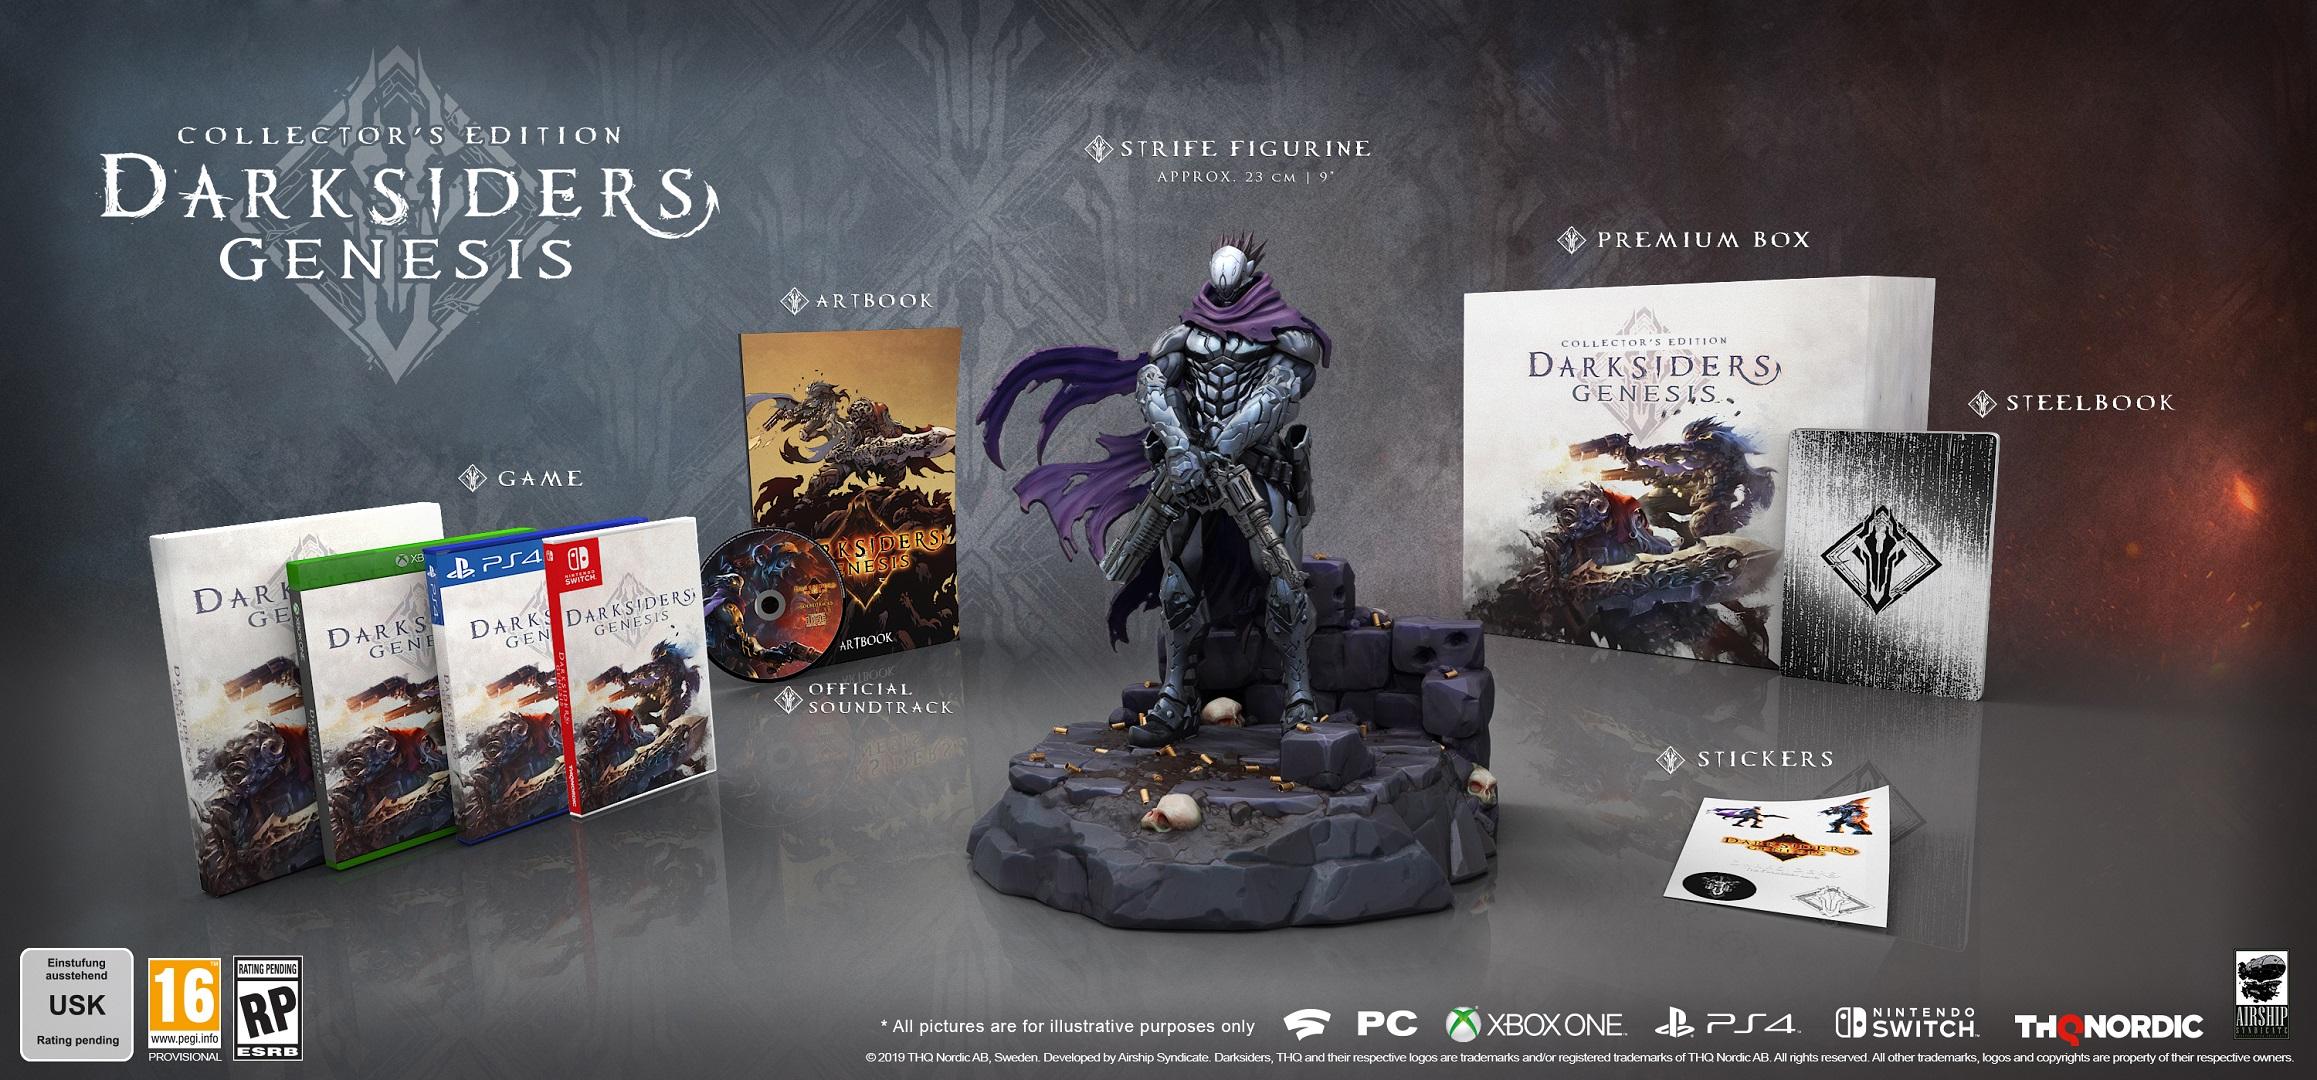 Collector's und Nephilim Edition für Darksiders Genesis angekündigt 1